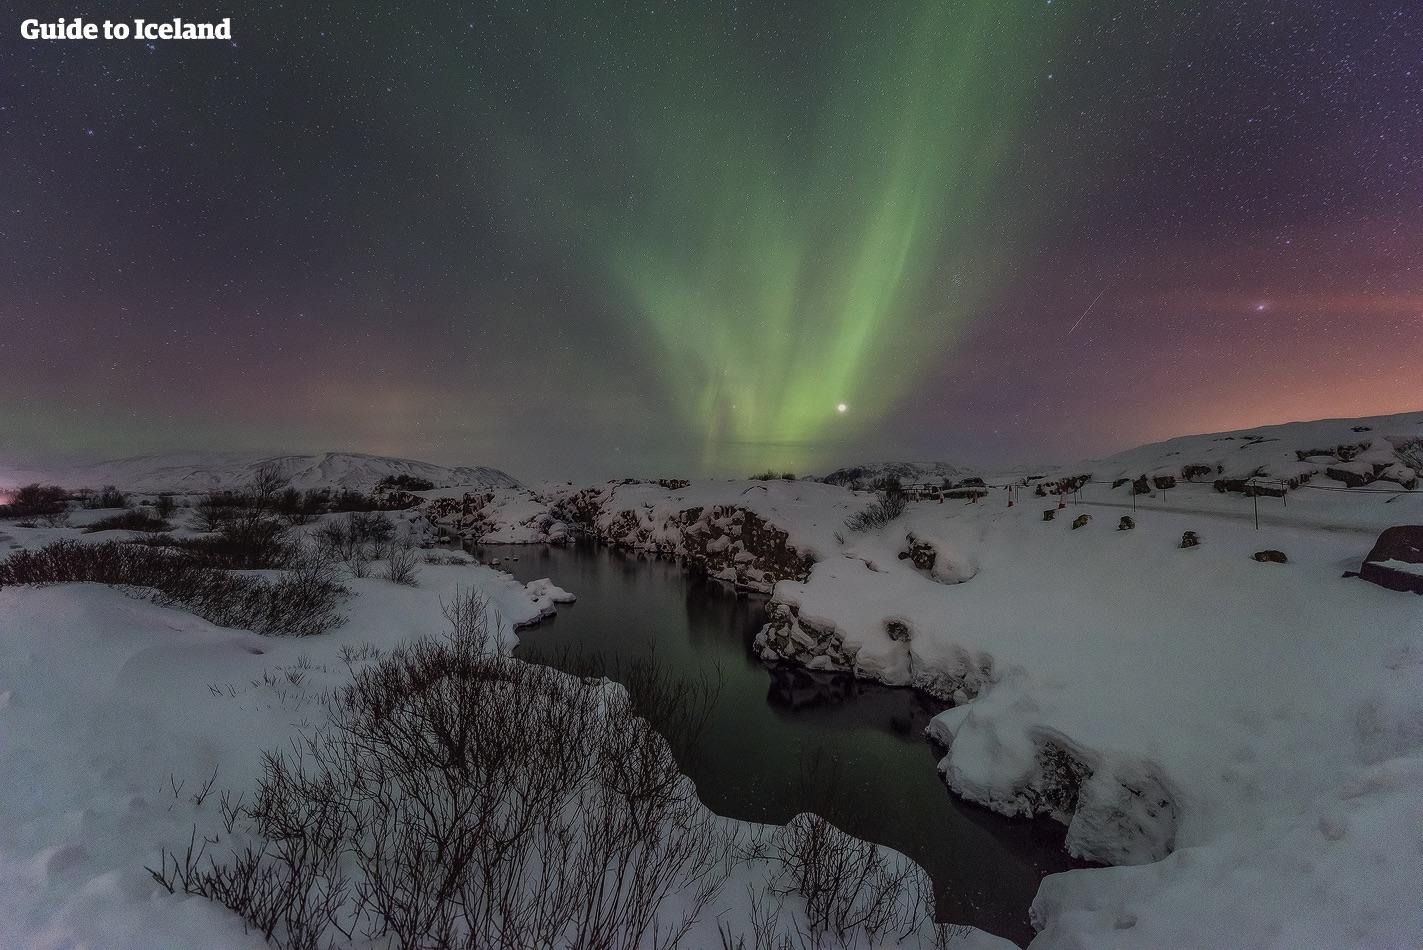 Tingvalla nasjonalpark står på UNESCOs verdensarvliste, er et geologisk eventyrland og et fantastisk sted å se nordlyset.